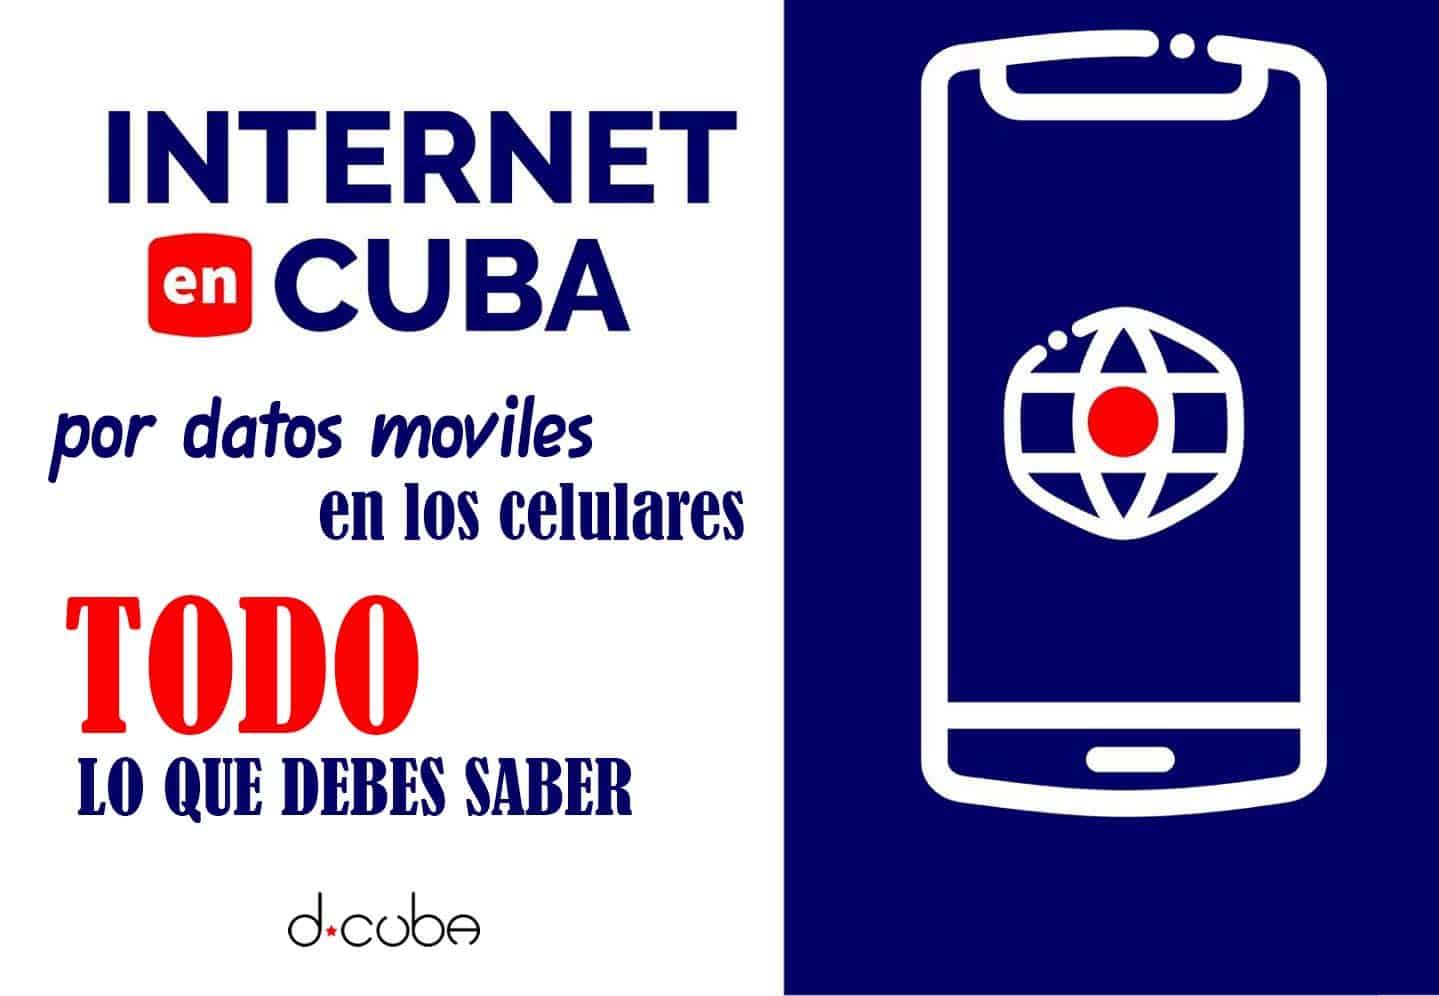 internet en cuba por datos moviles